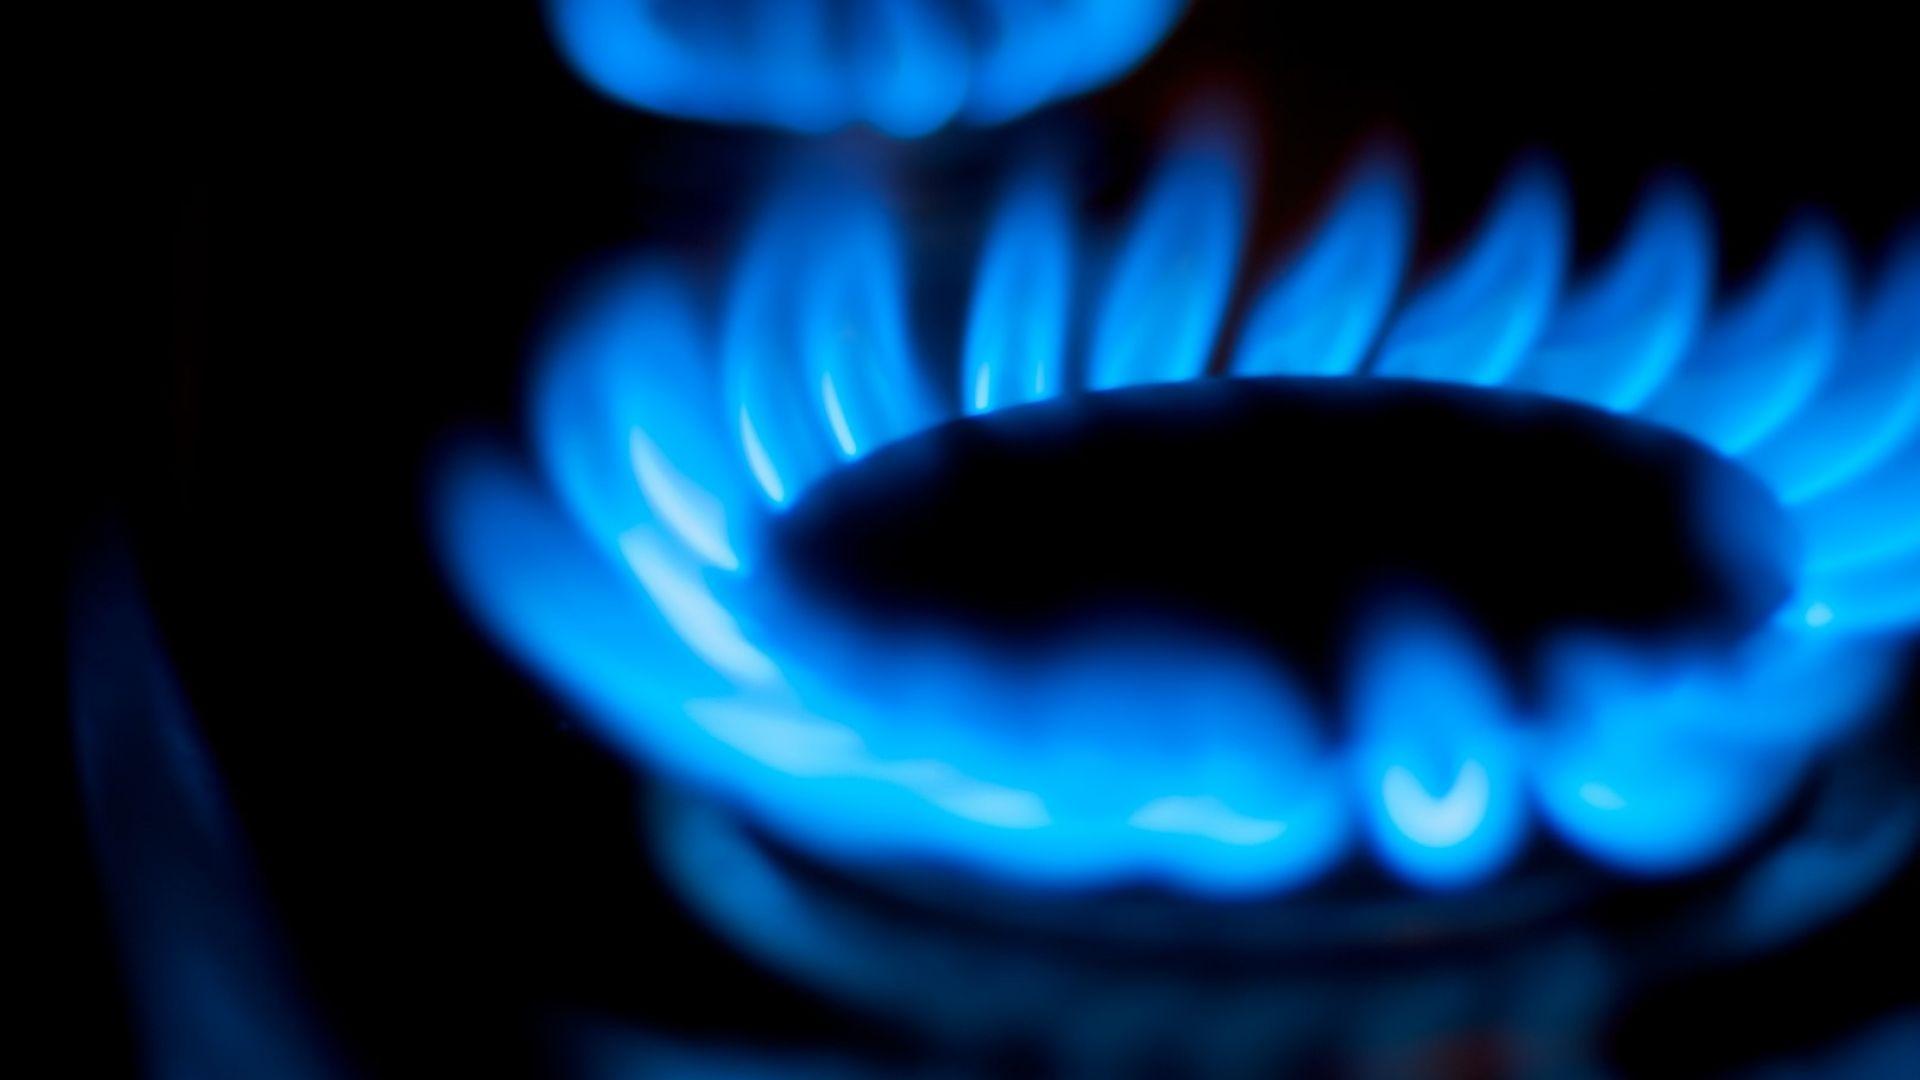 Енергиен експерт: Сделката с Гърция за доставка на по-евтин от руския газ е виртуална